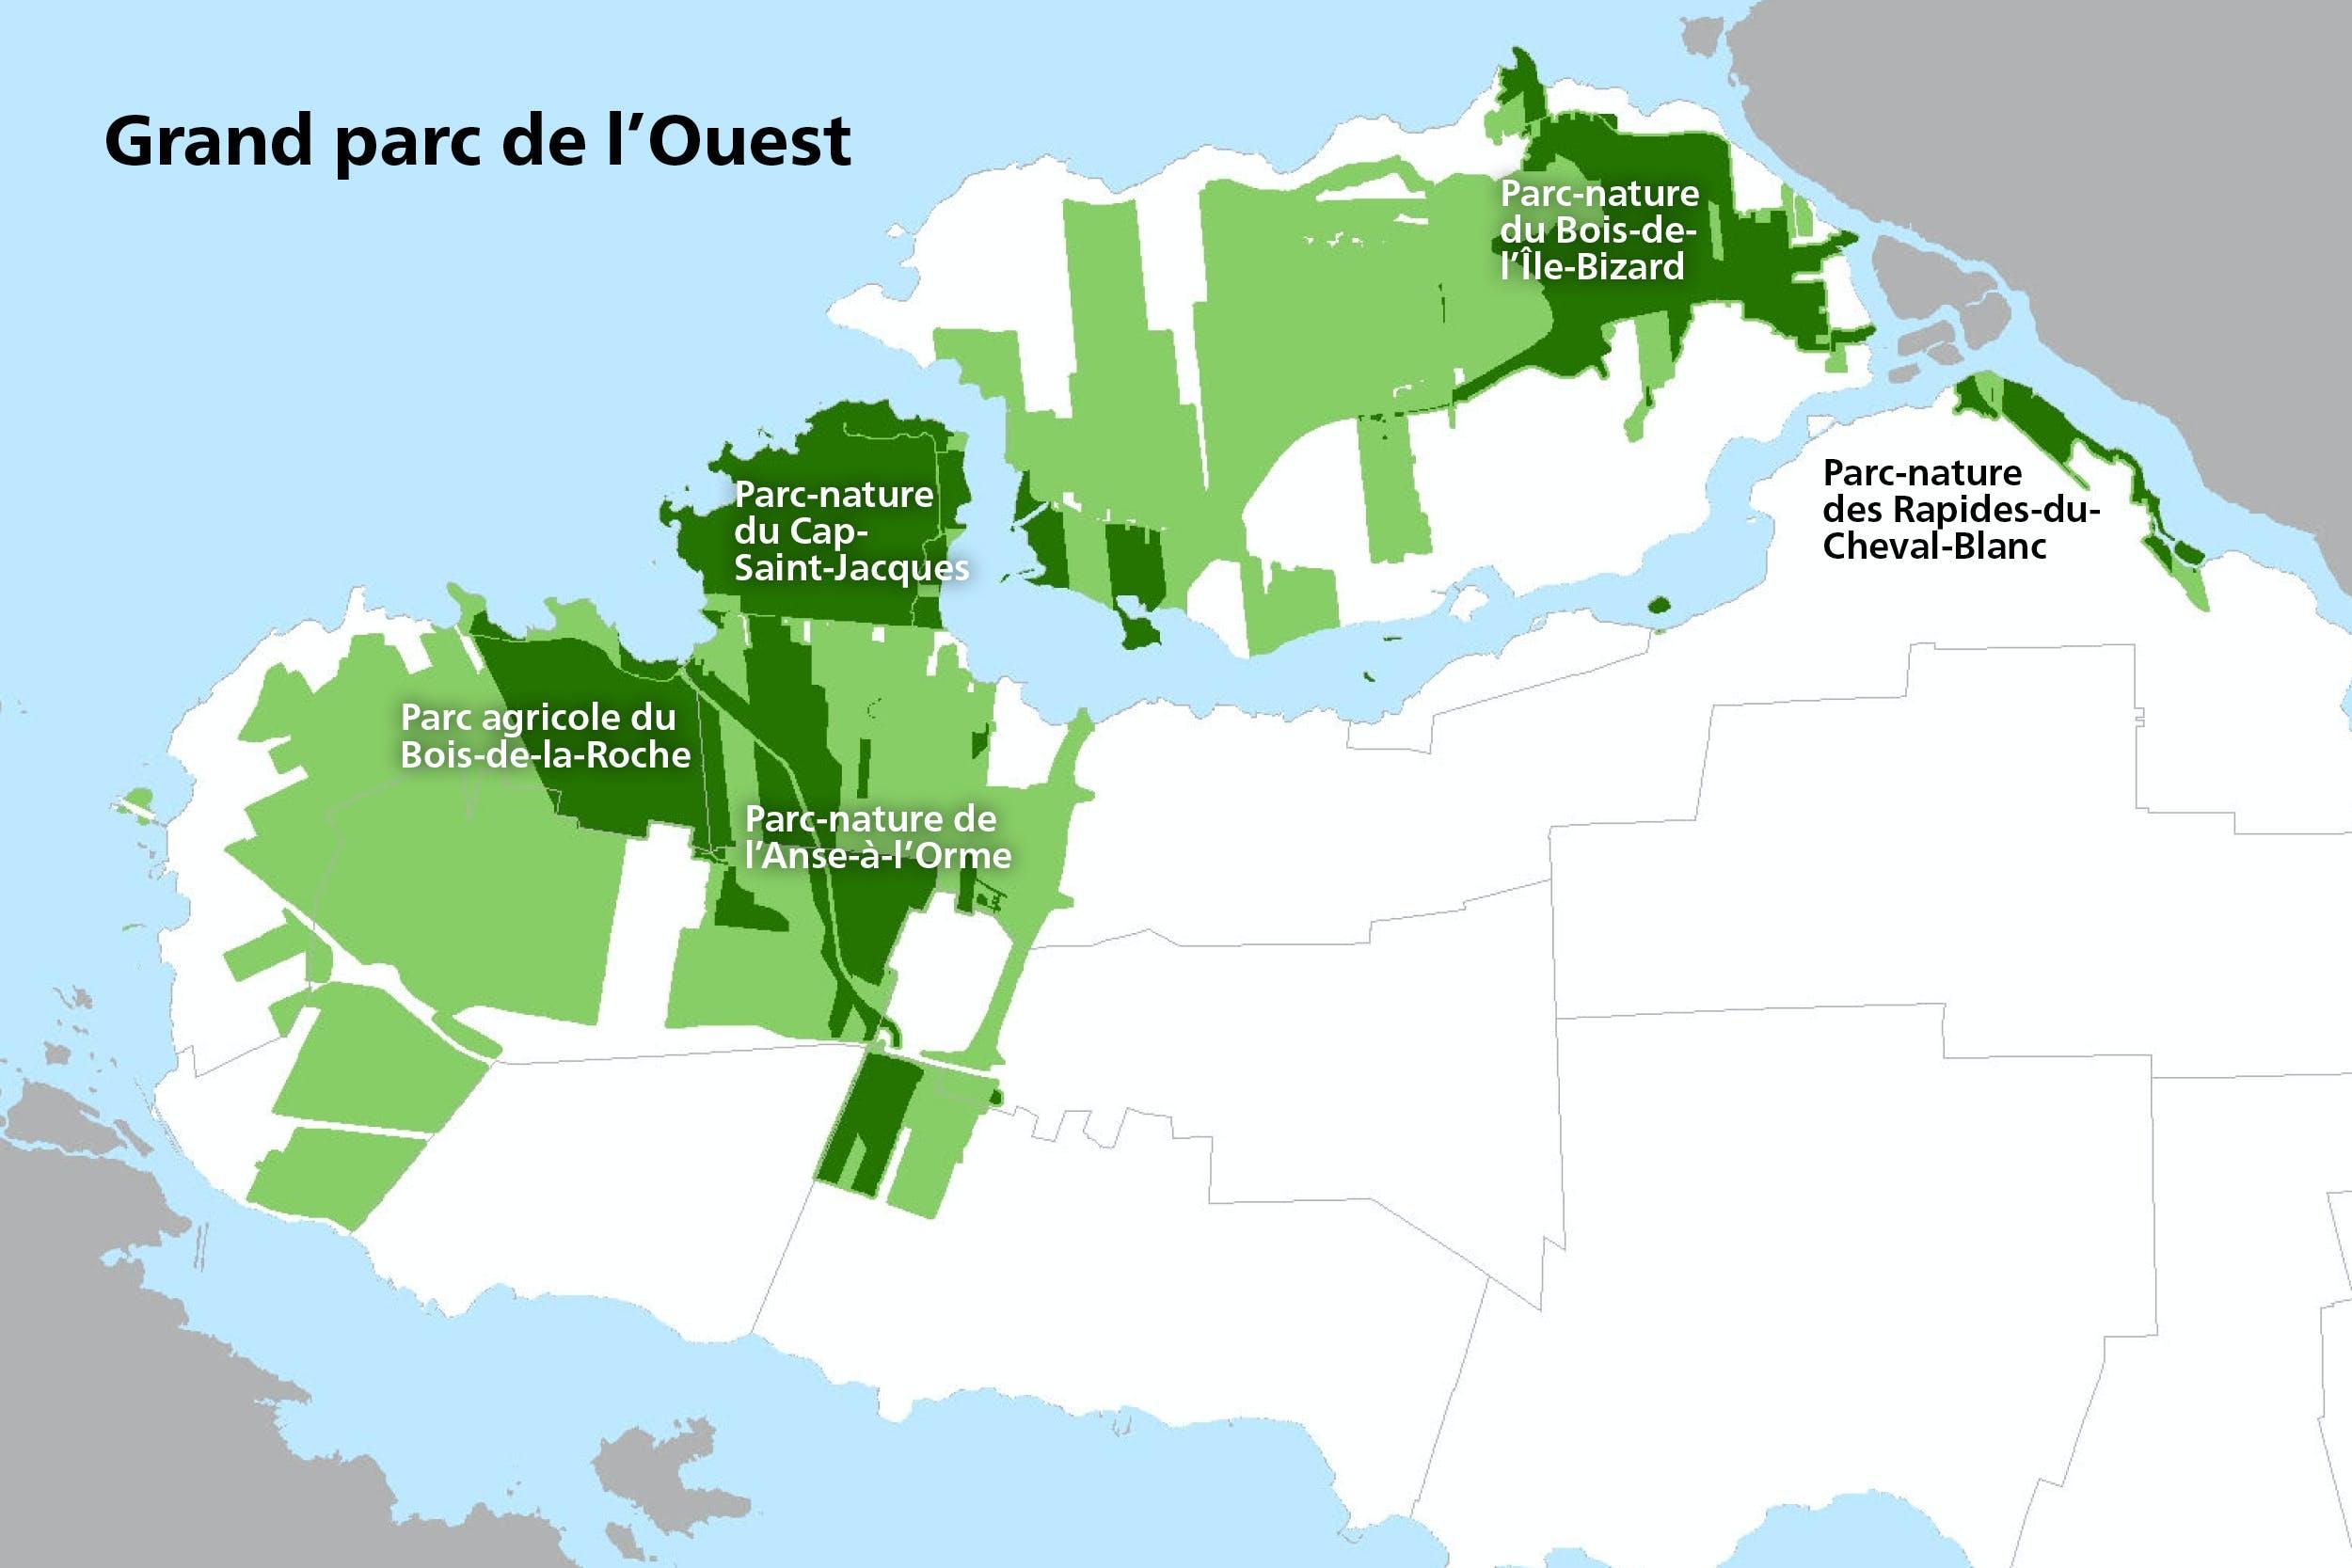 Grand Parc de l'Ouest map